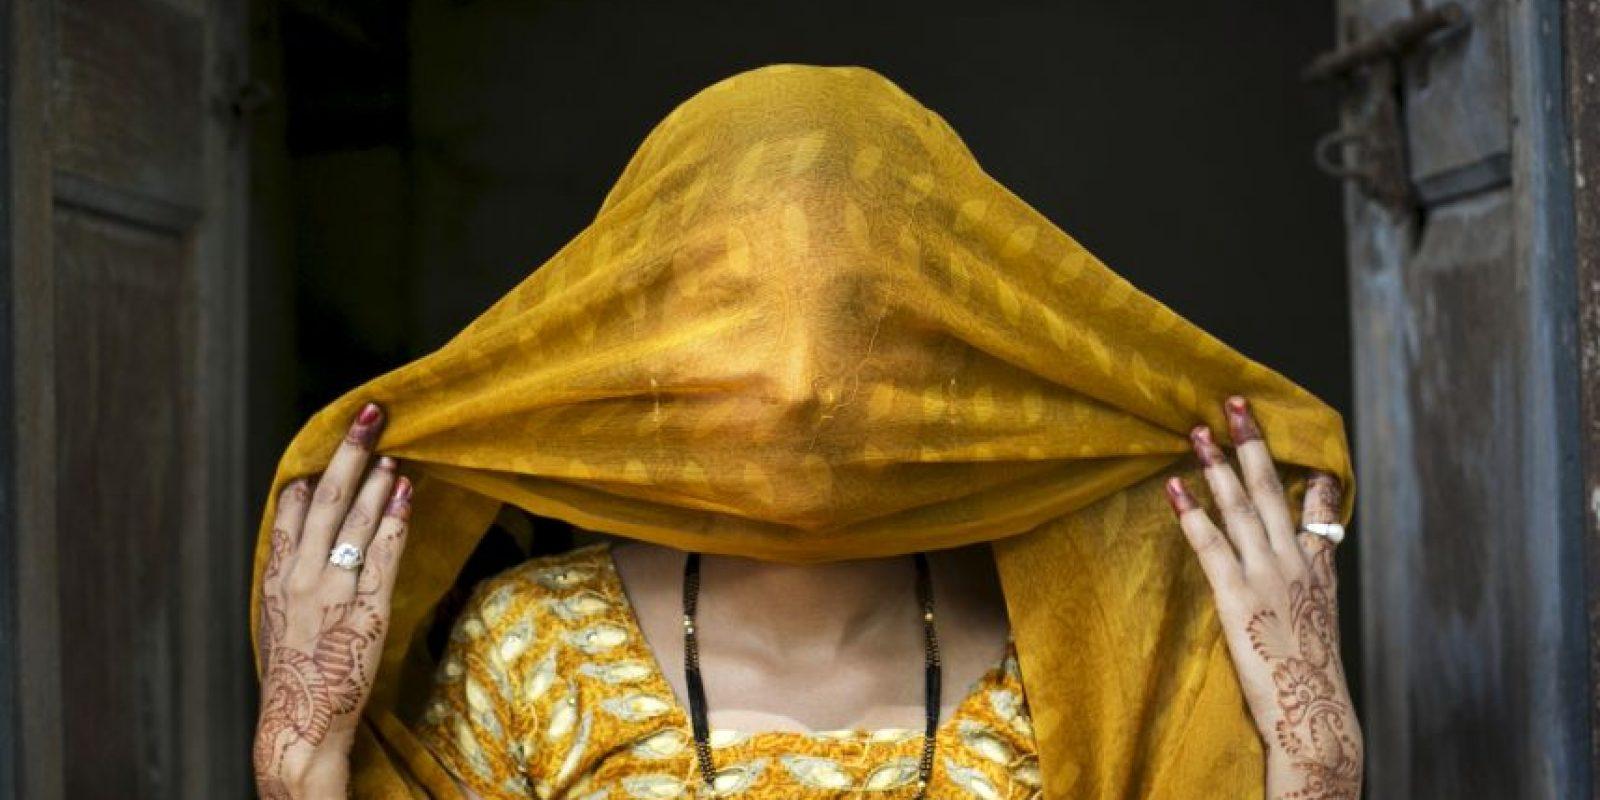 El embarazo es consistentemente entre las principales causas de muerte de las niñas de 15 a 19 en todo el mundo Foto:Getty Images